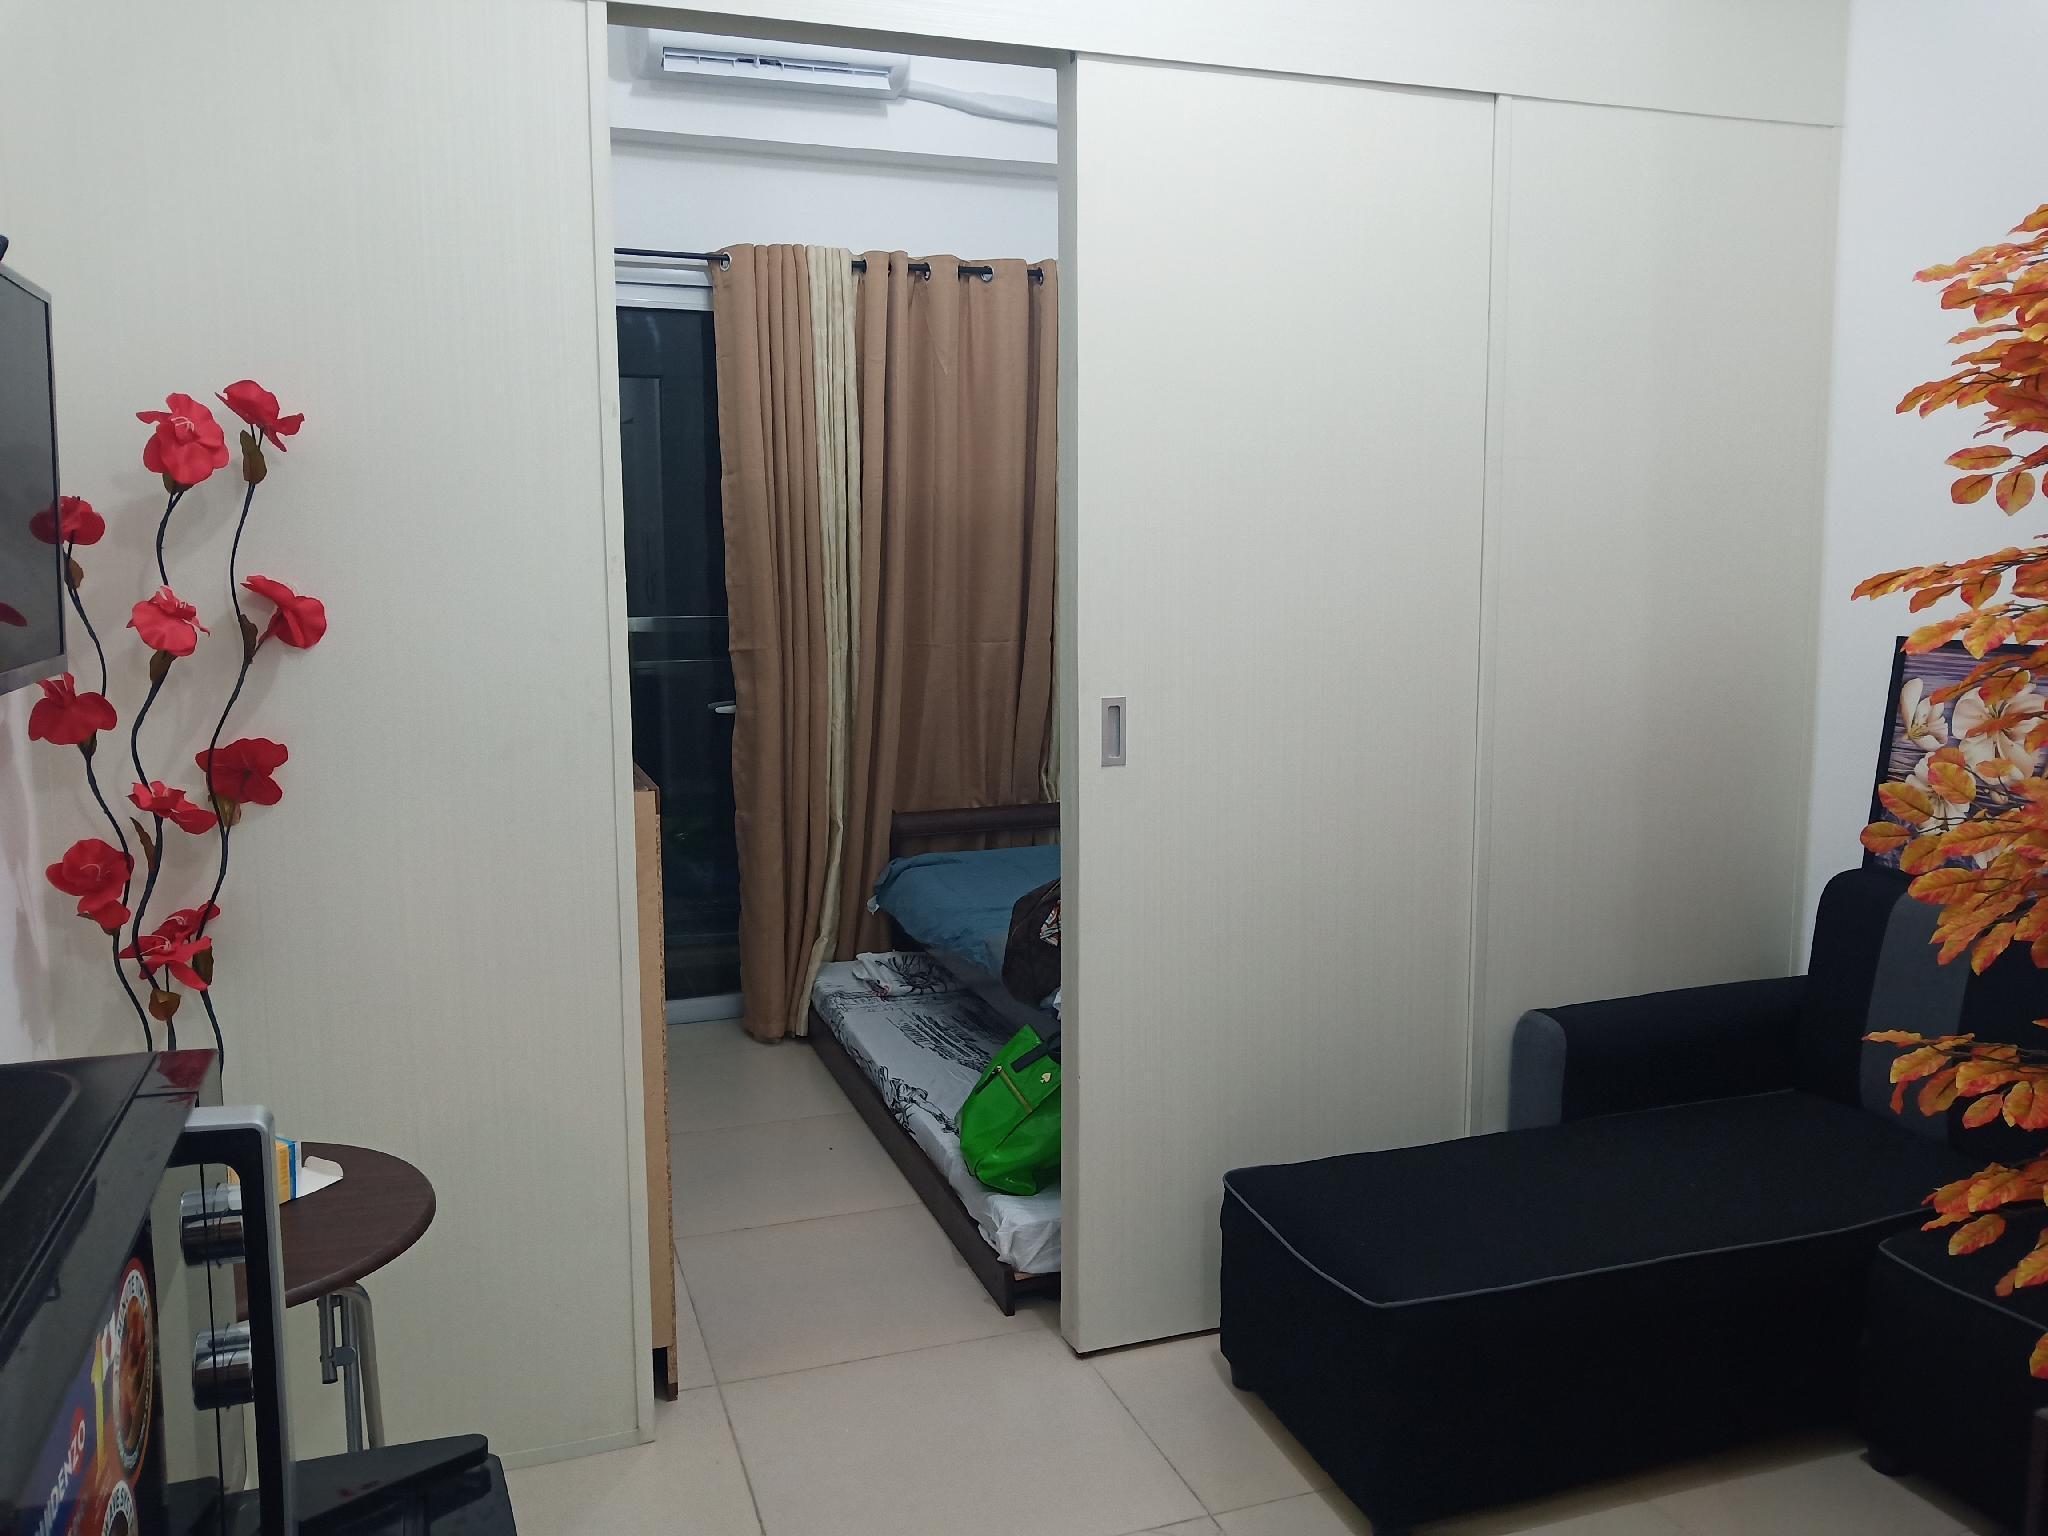 LGD Staycation 1br+balcony Wifi And Netflix